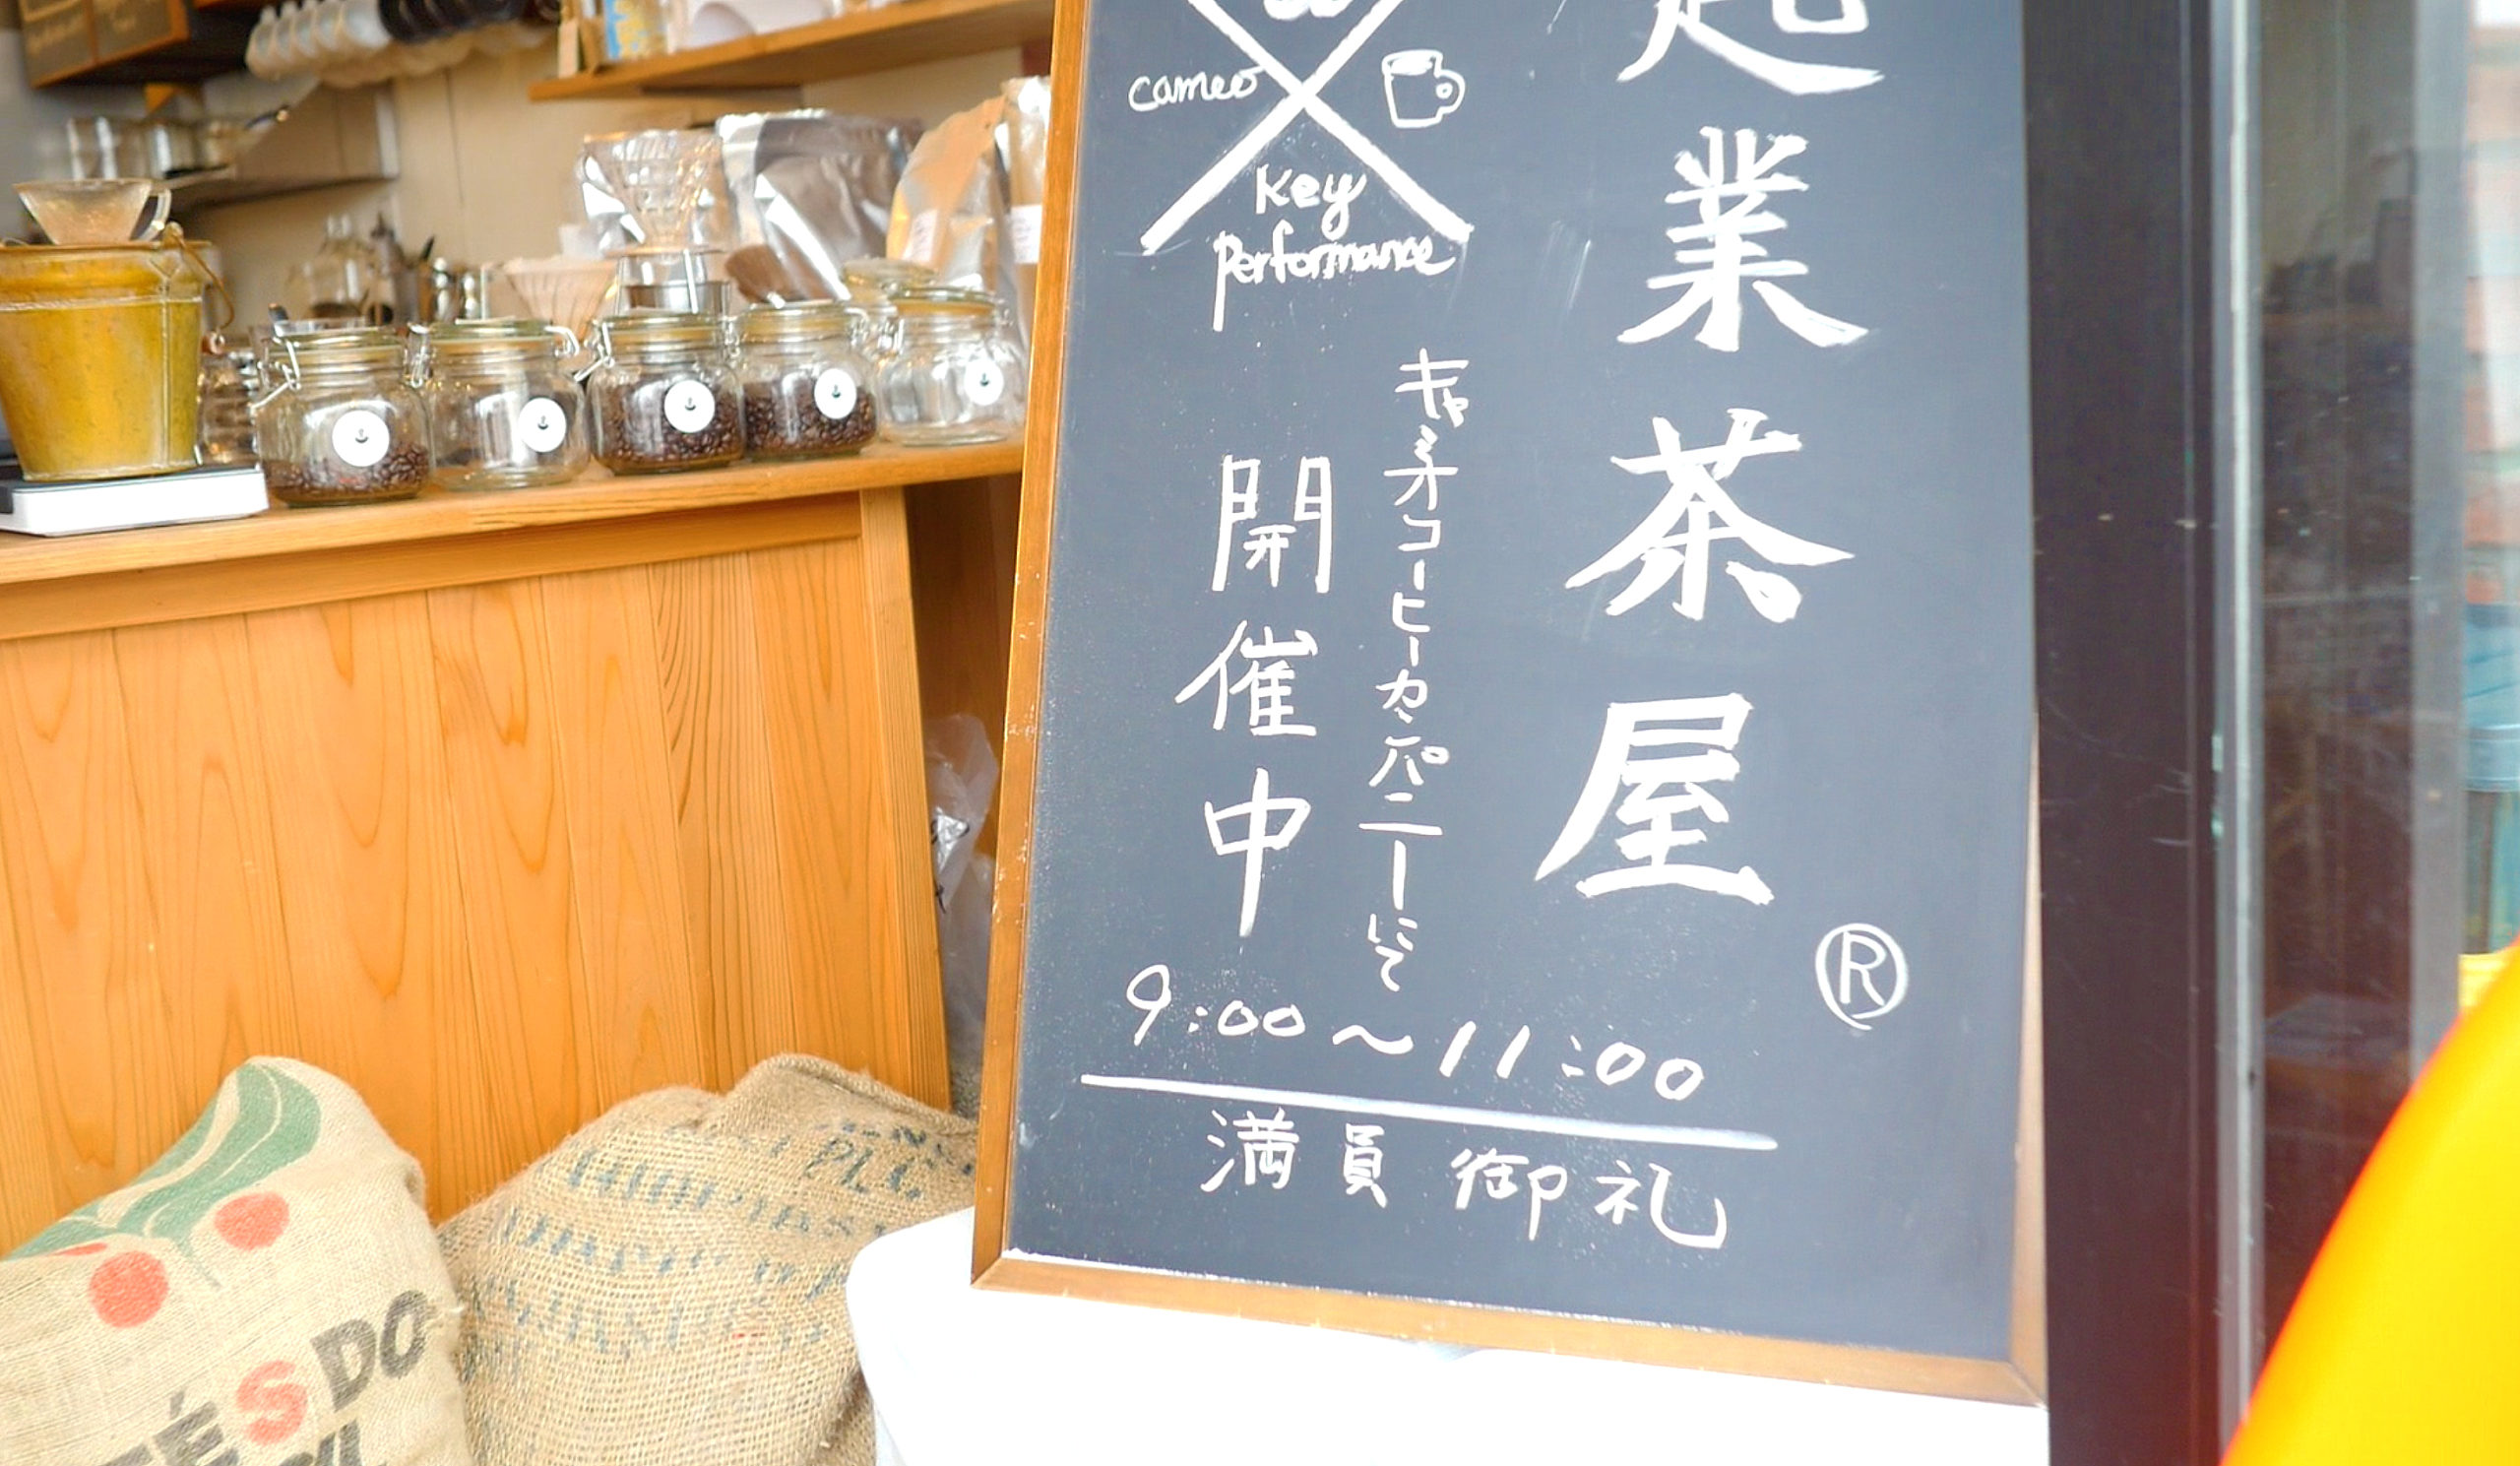 起業茶屋® at CAMEO COFFEE COMPANY